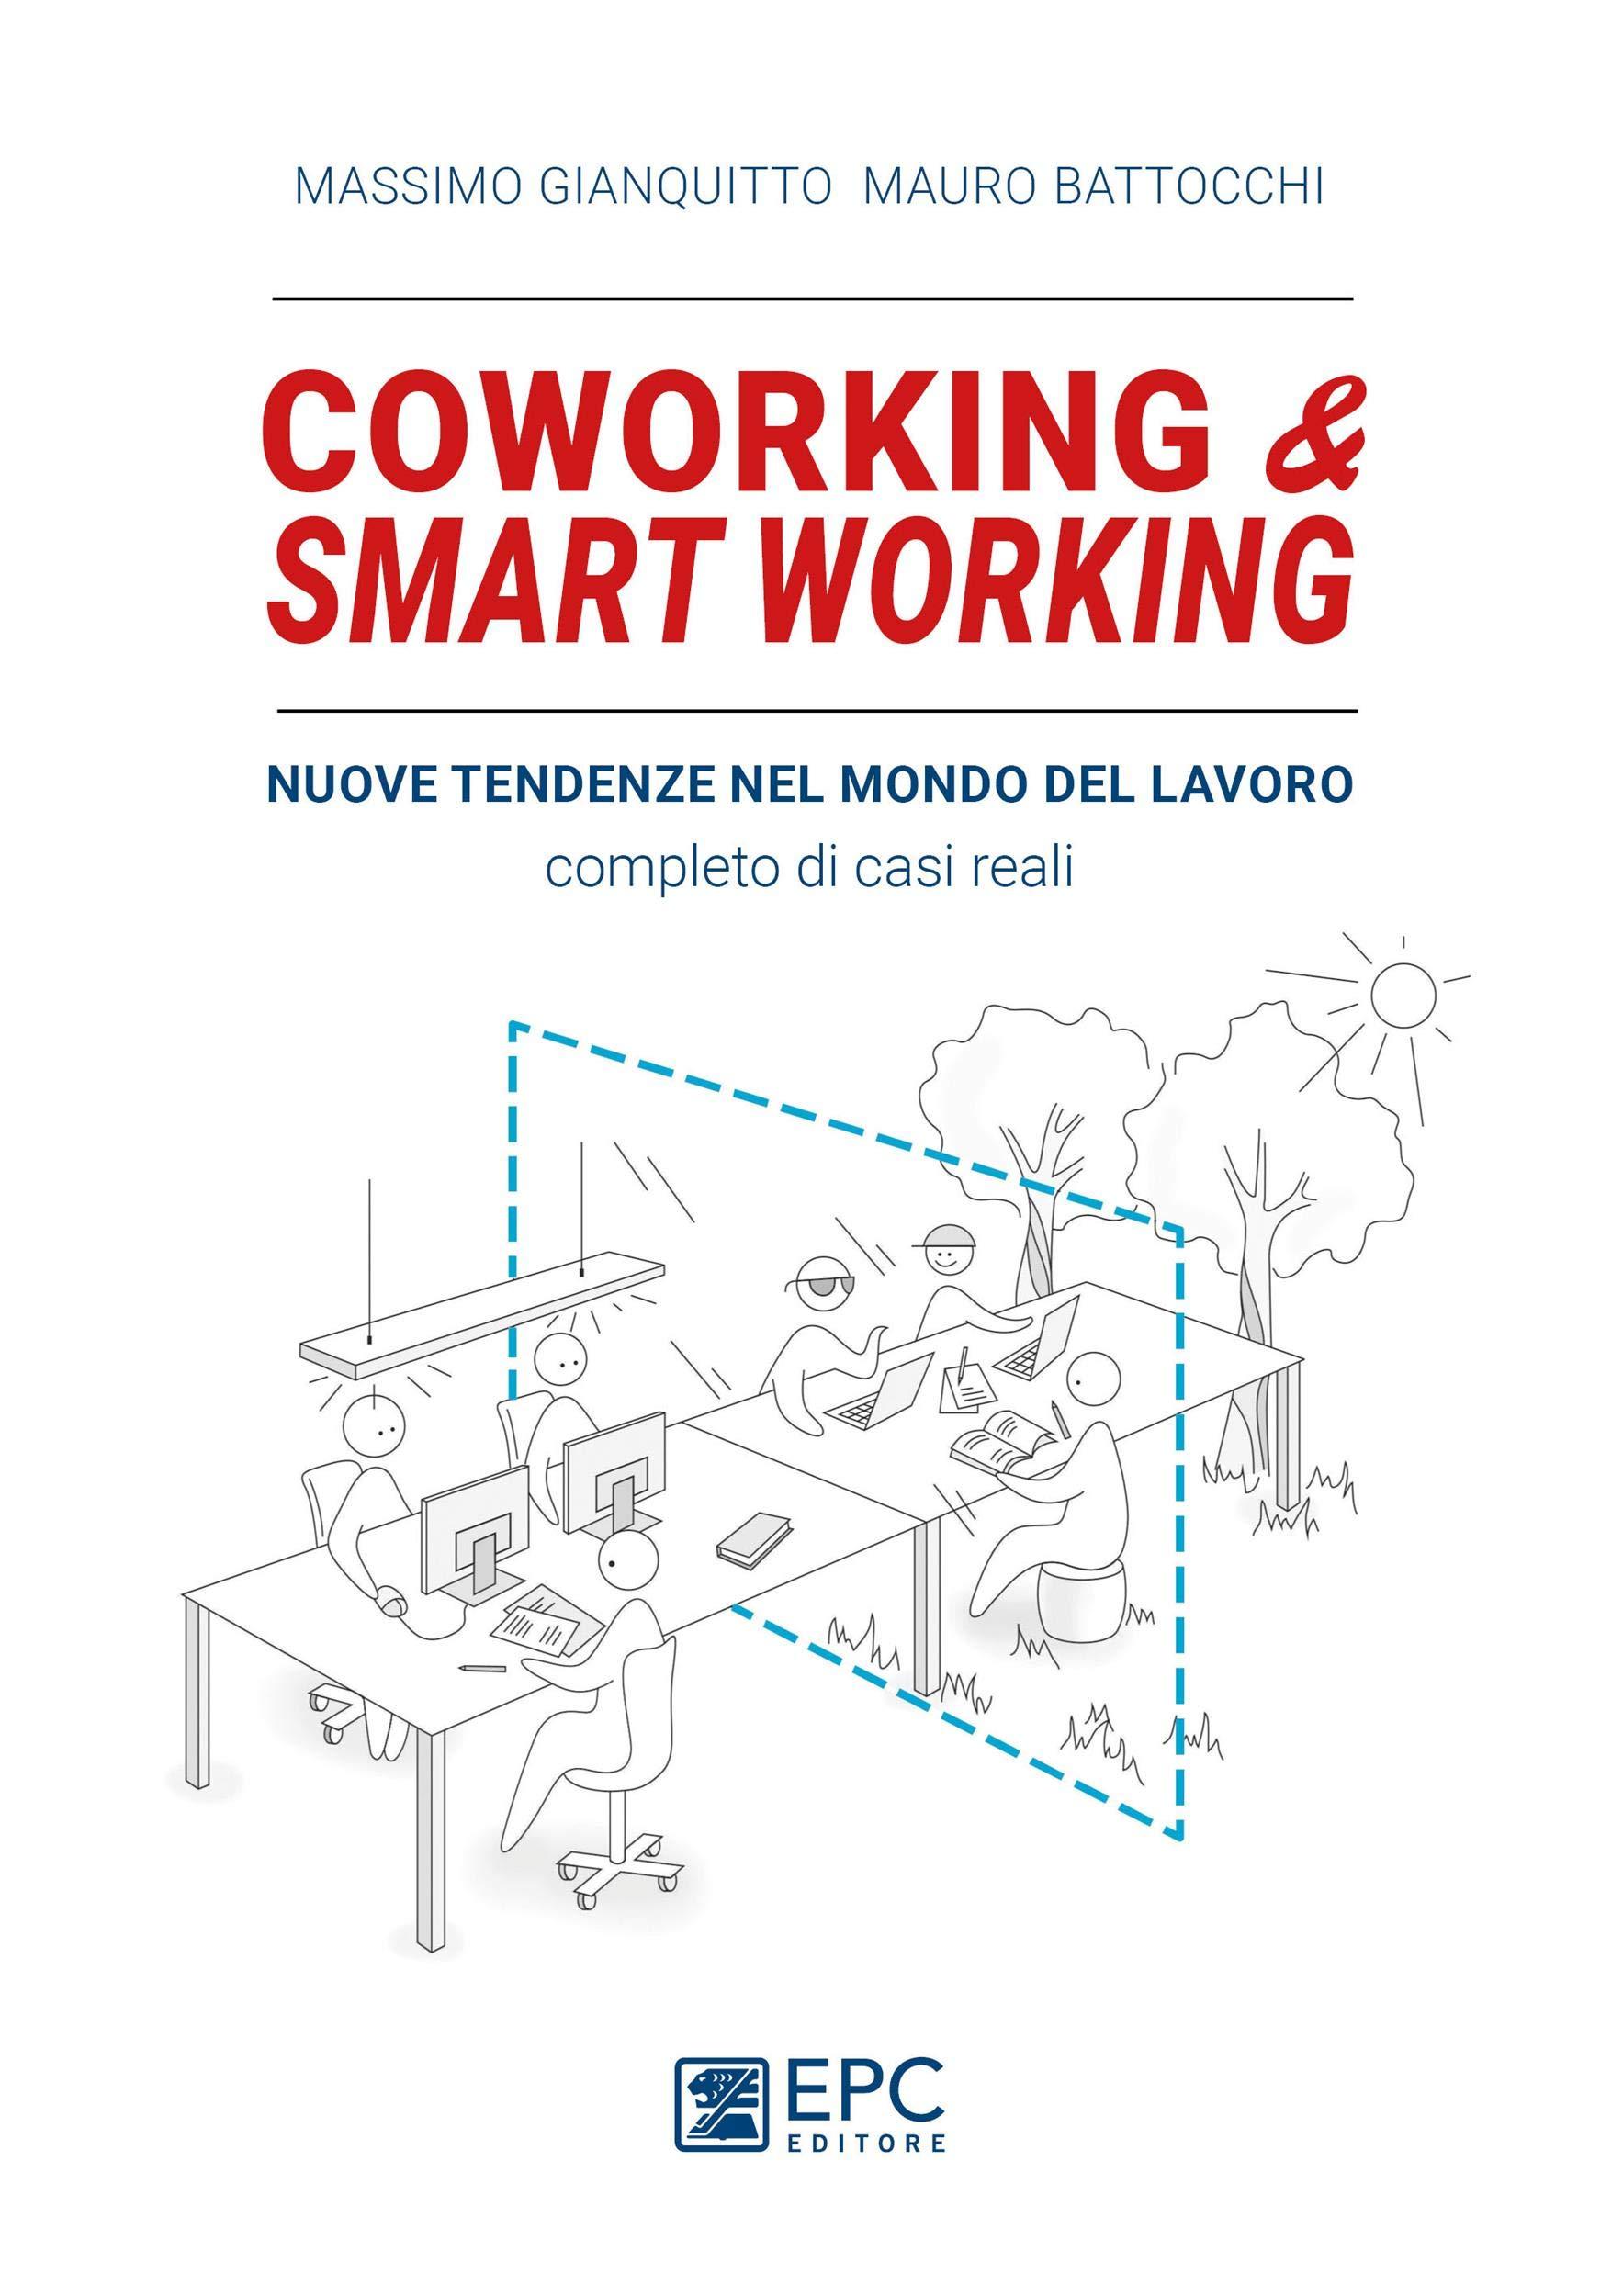 Coworking & smart working: Nuove tendenze nel modo di lavorare. Completo di casi reali (Italian Edition)